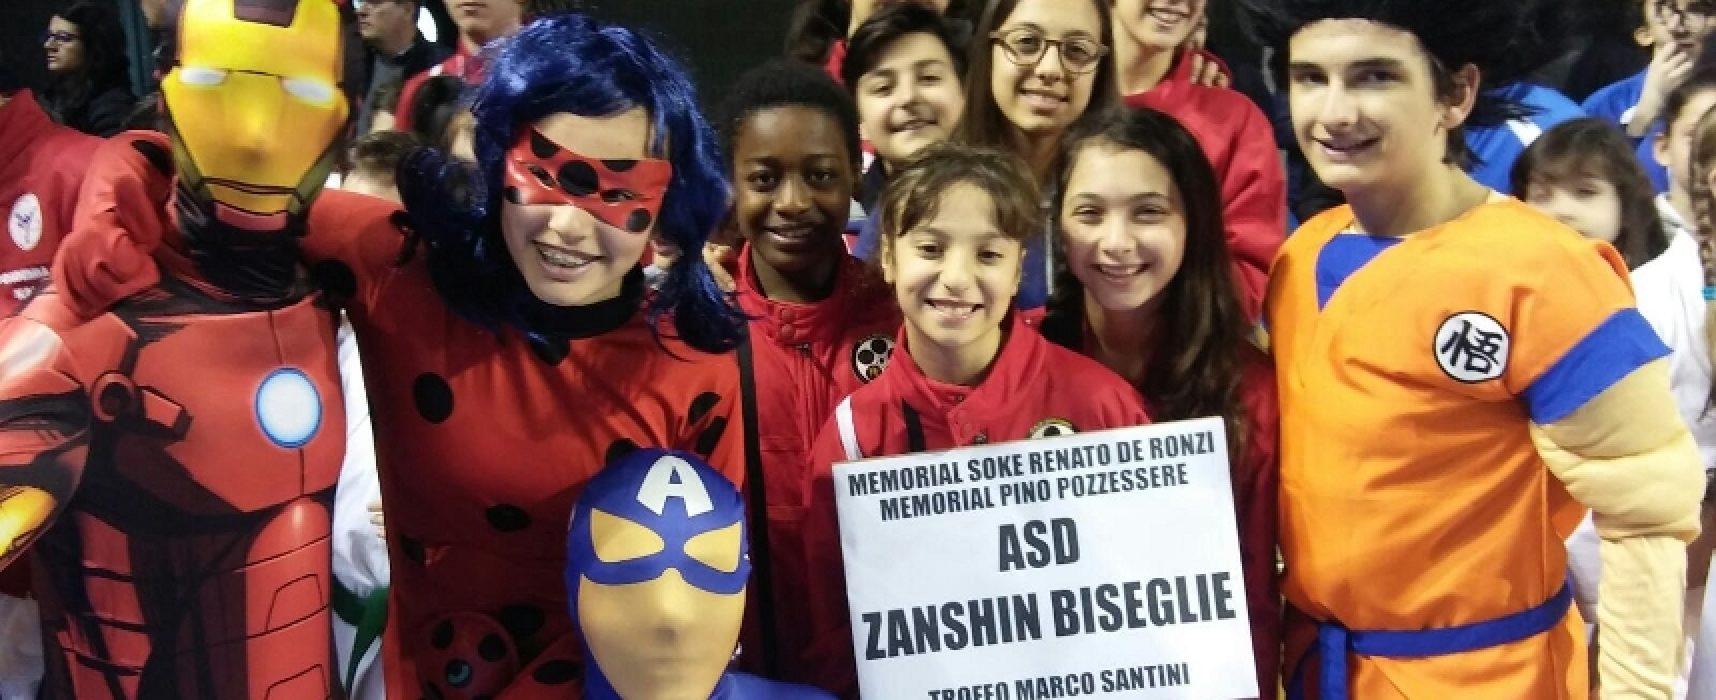 Buona prestazione per la Zanshin Dojo a Taranto